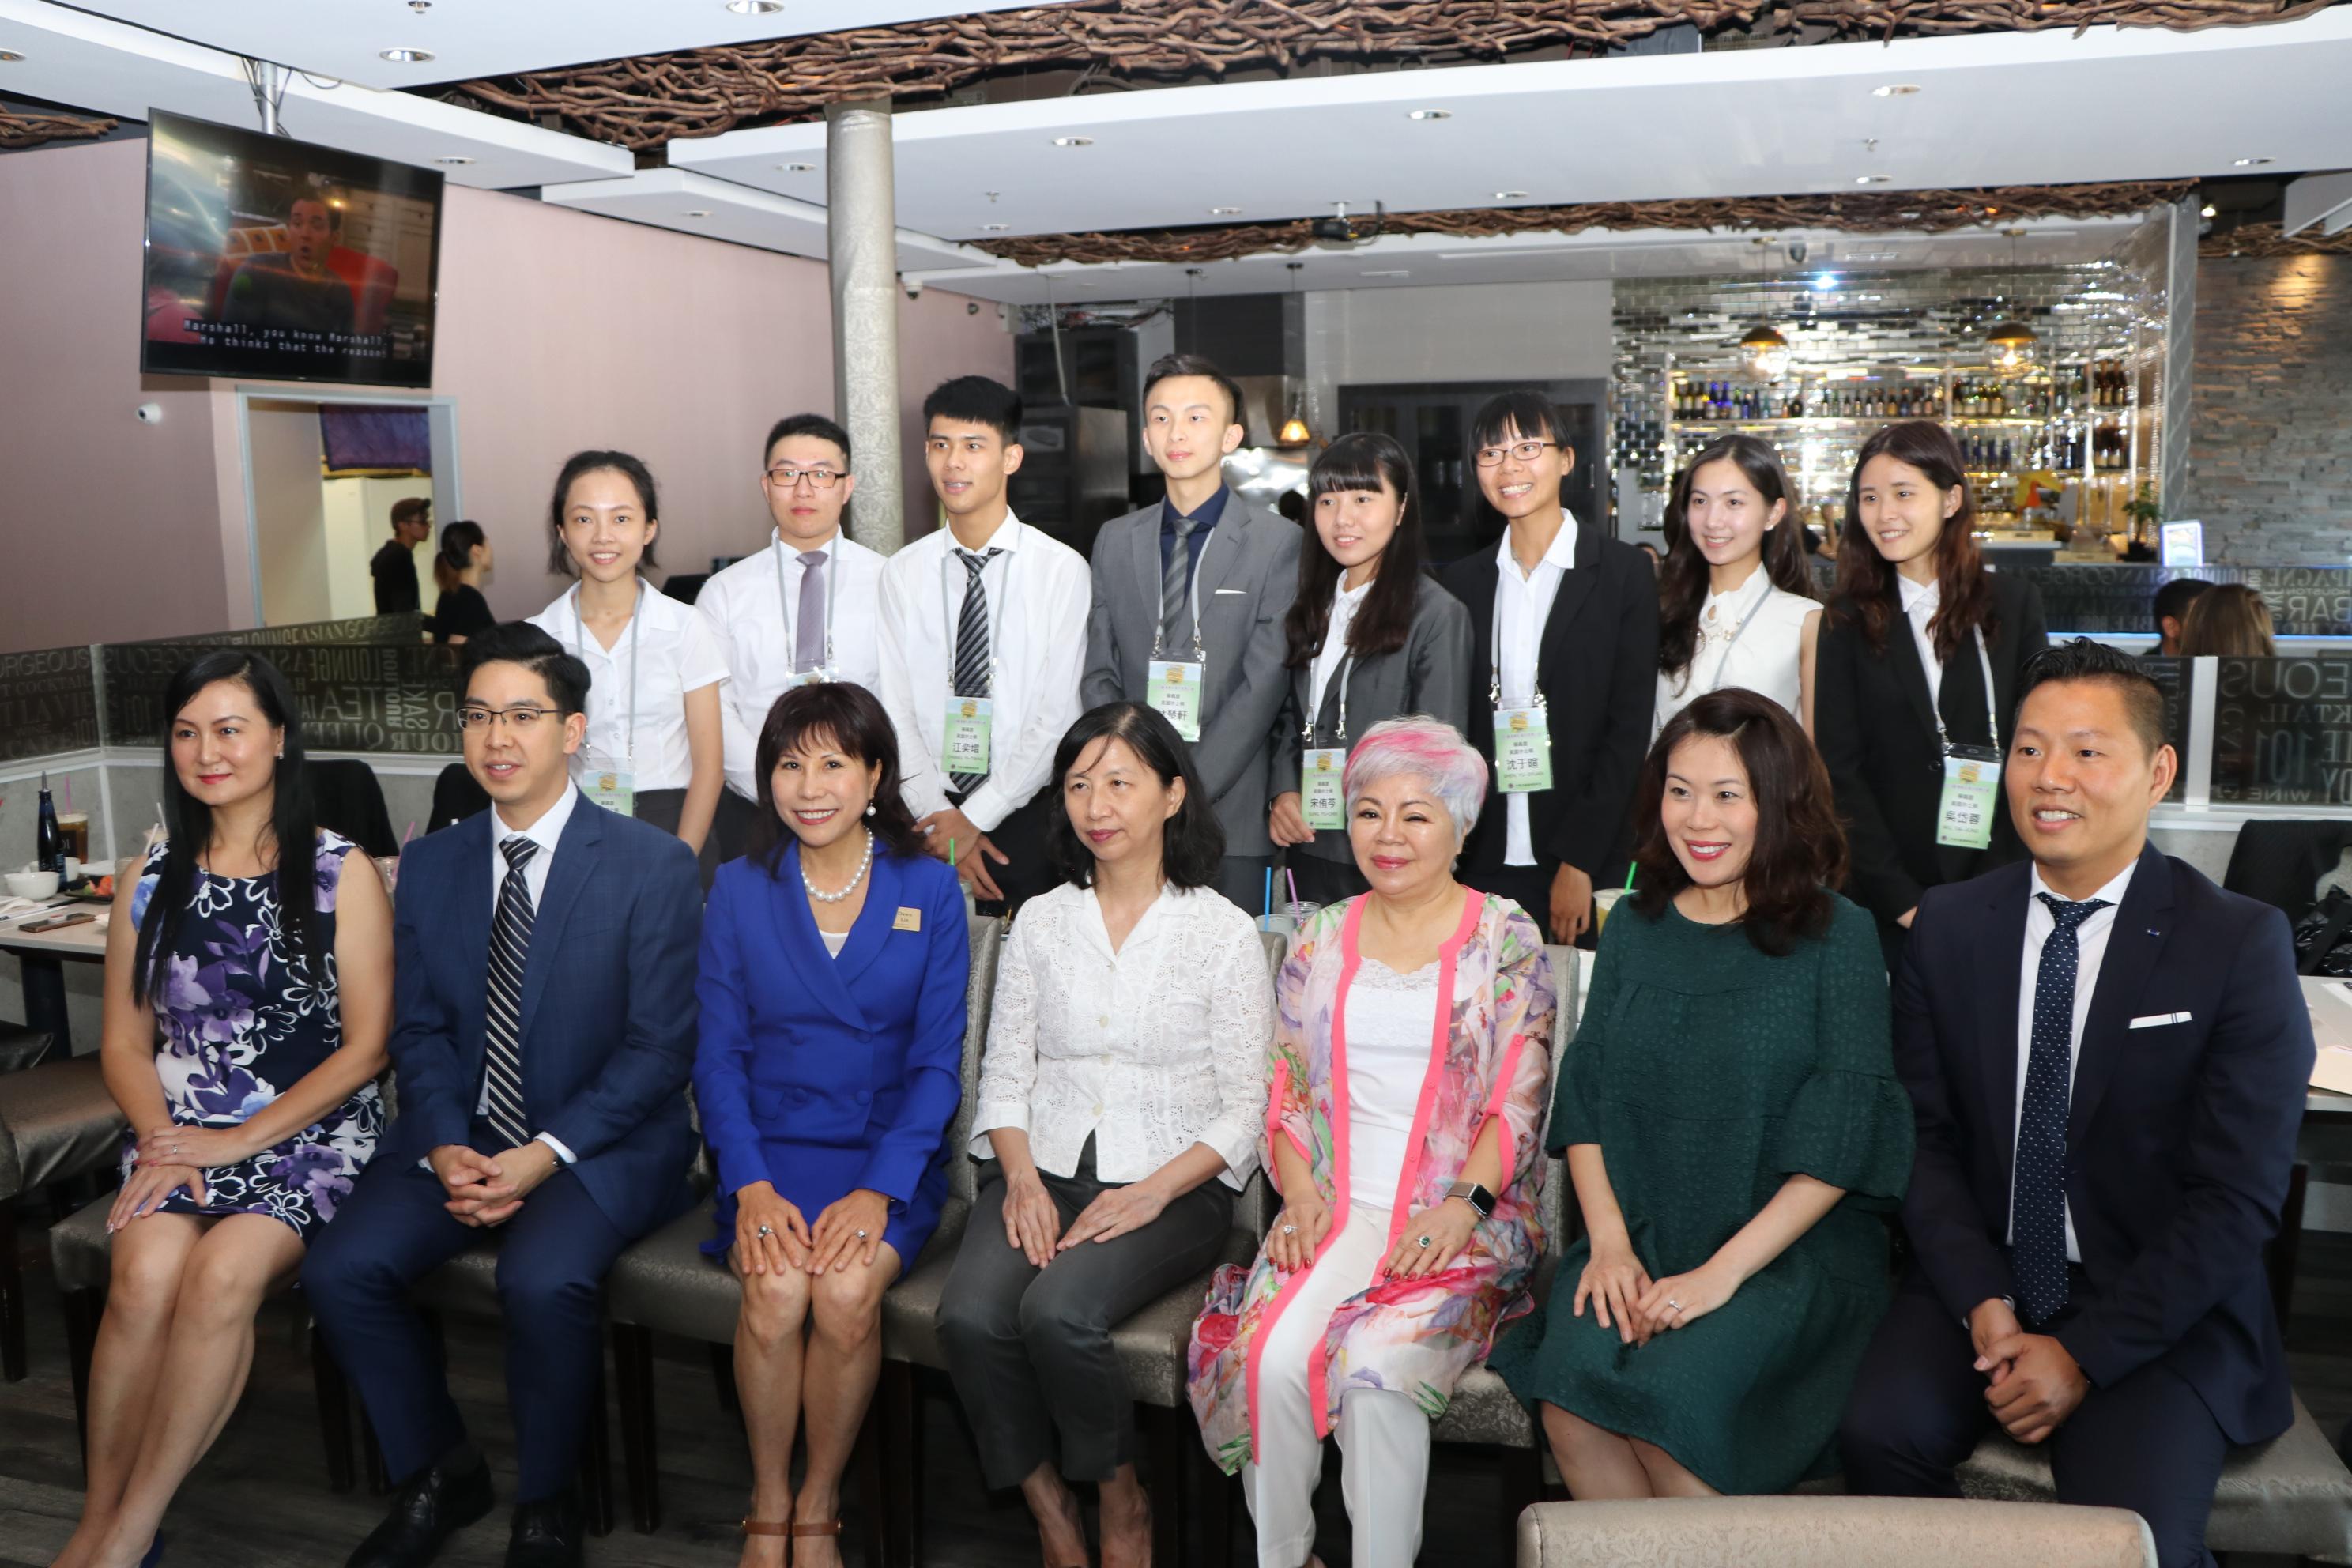 誠信產權負責人林富桂(前排左三)號召地產經紀人陳第元(右起)、林庭瑋、Amy Chou等在101餐廳與學子們分享成功經驗。